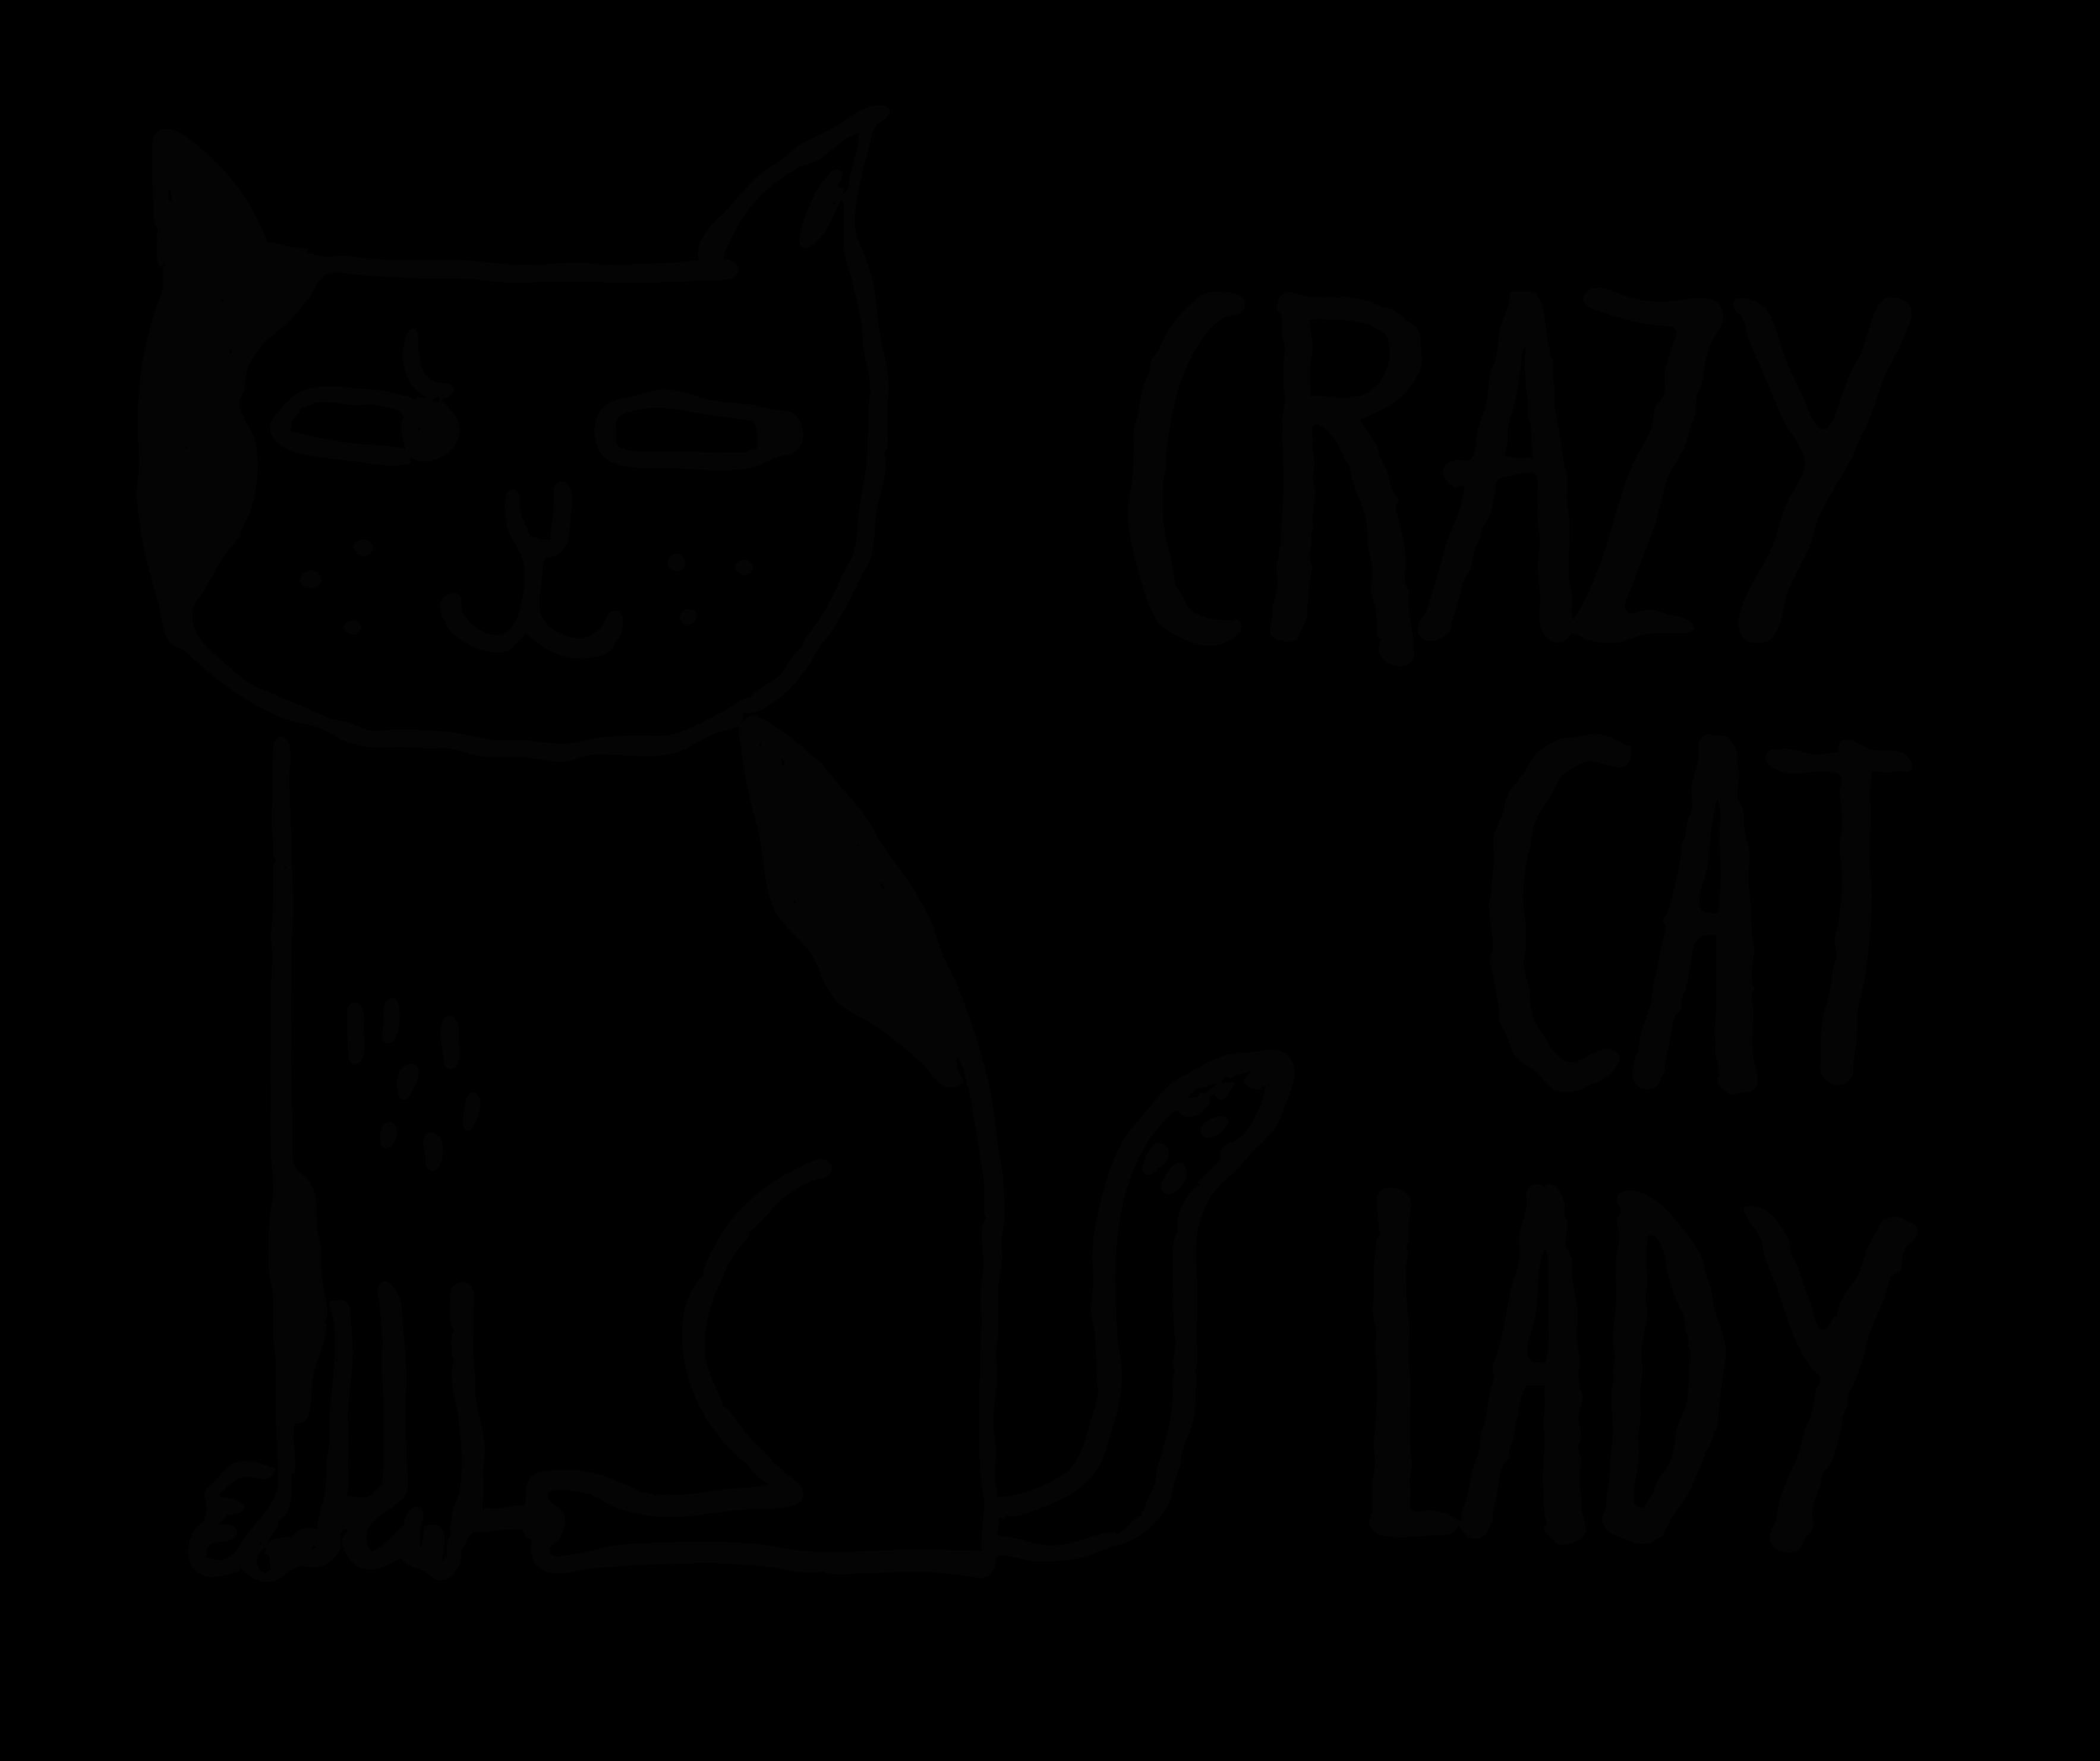 Crazy Cat Jump Video